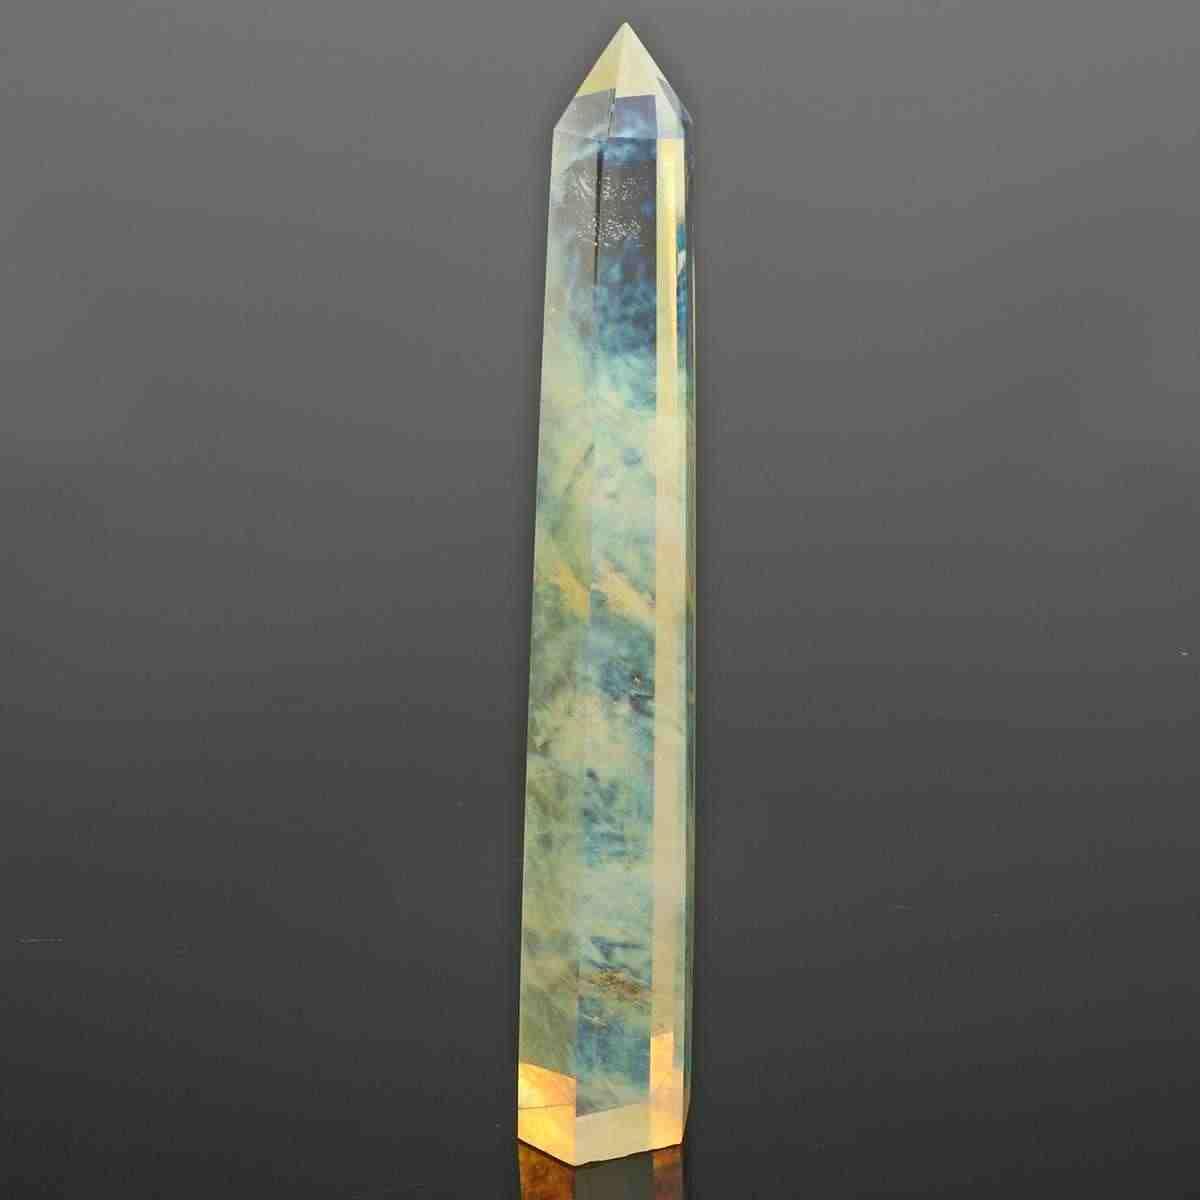 20 ซม.หายาก Citrine คริสตัลควอตซ์ Wand Point คริสตัลหิน Wand Stick อัญมณี DIY Decor Home เครื่องประดับหิน